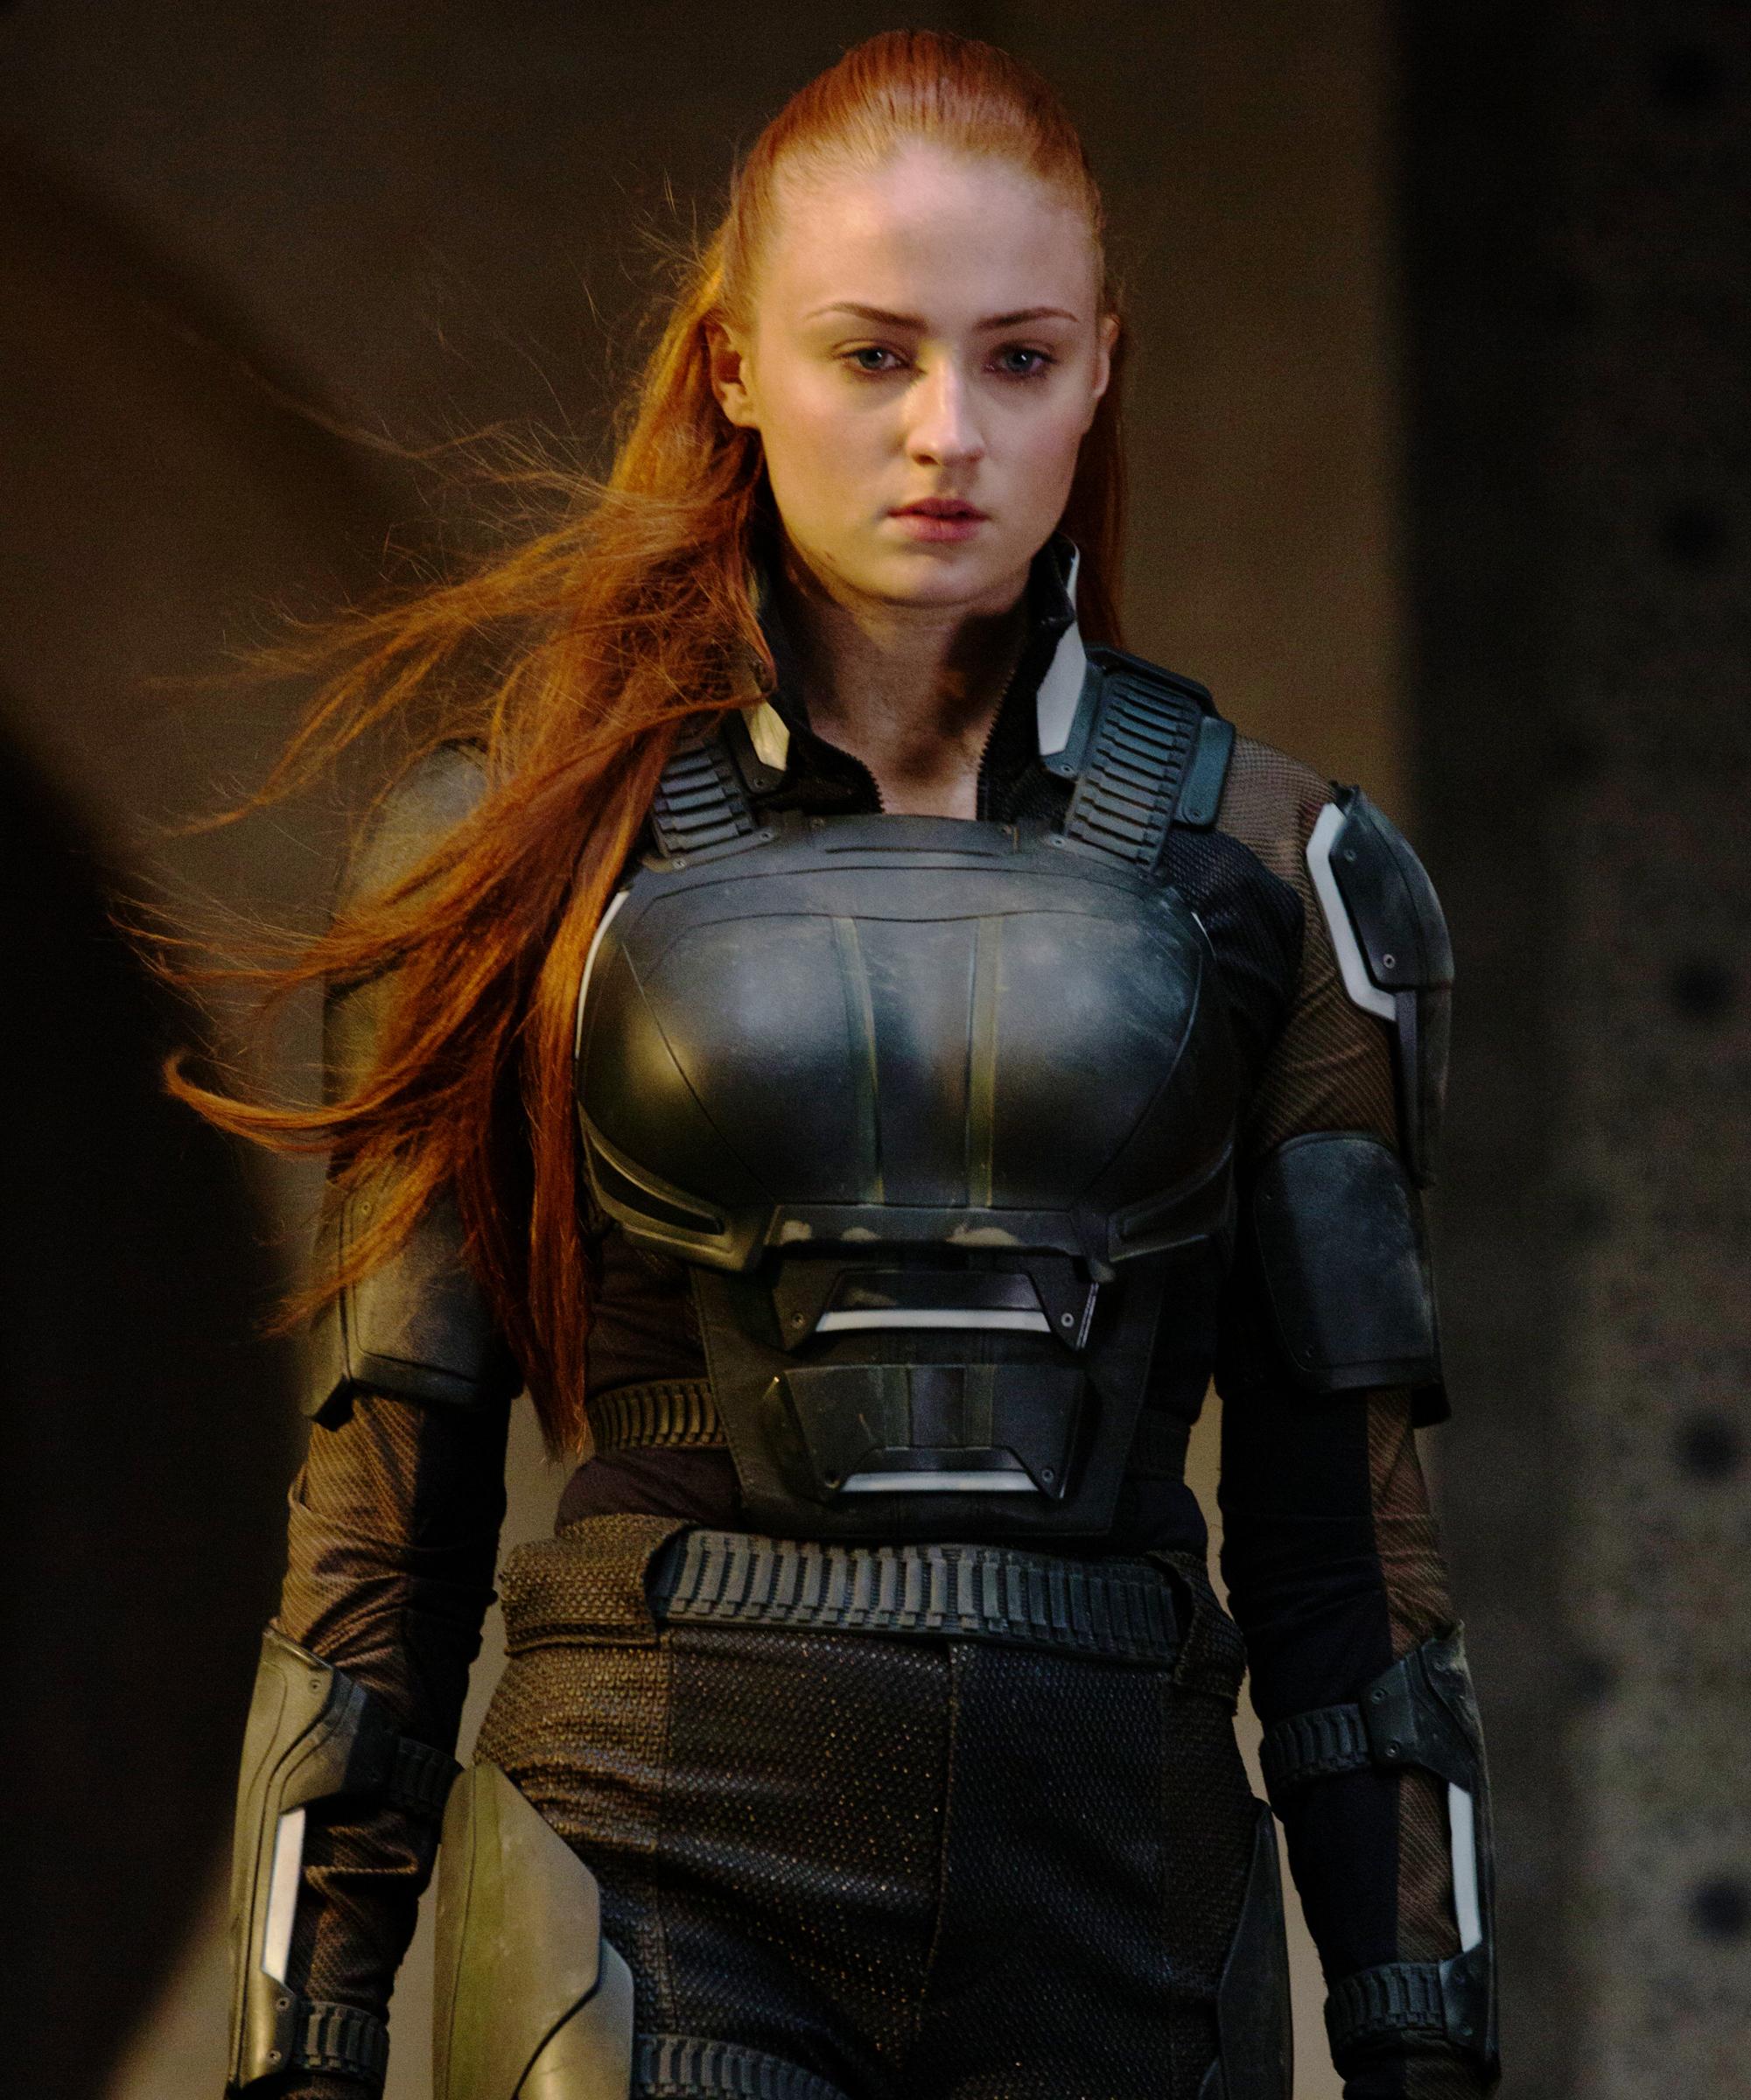 It S Official Sophie Turner Is Getting Her Own X Men Movie In 2020 Xmen Apocalypse X Men Apocalypse Jean Grey Xmen